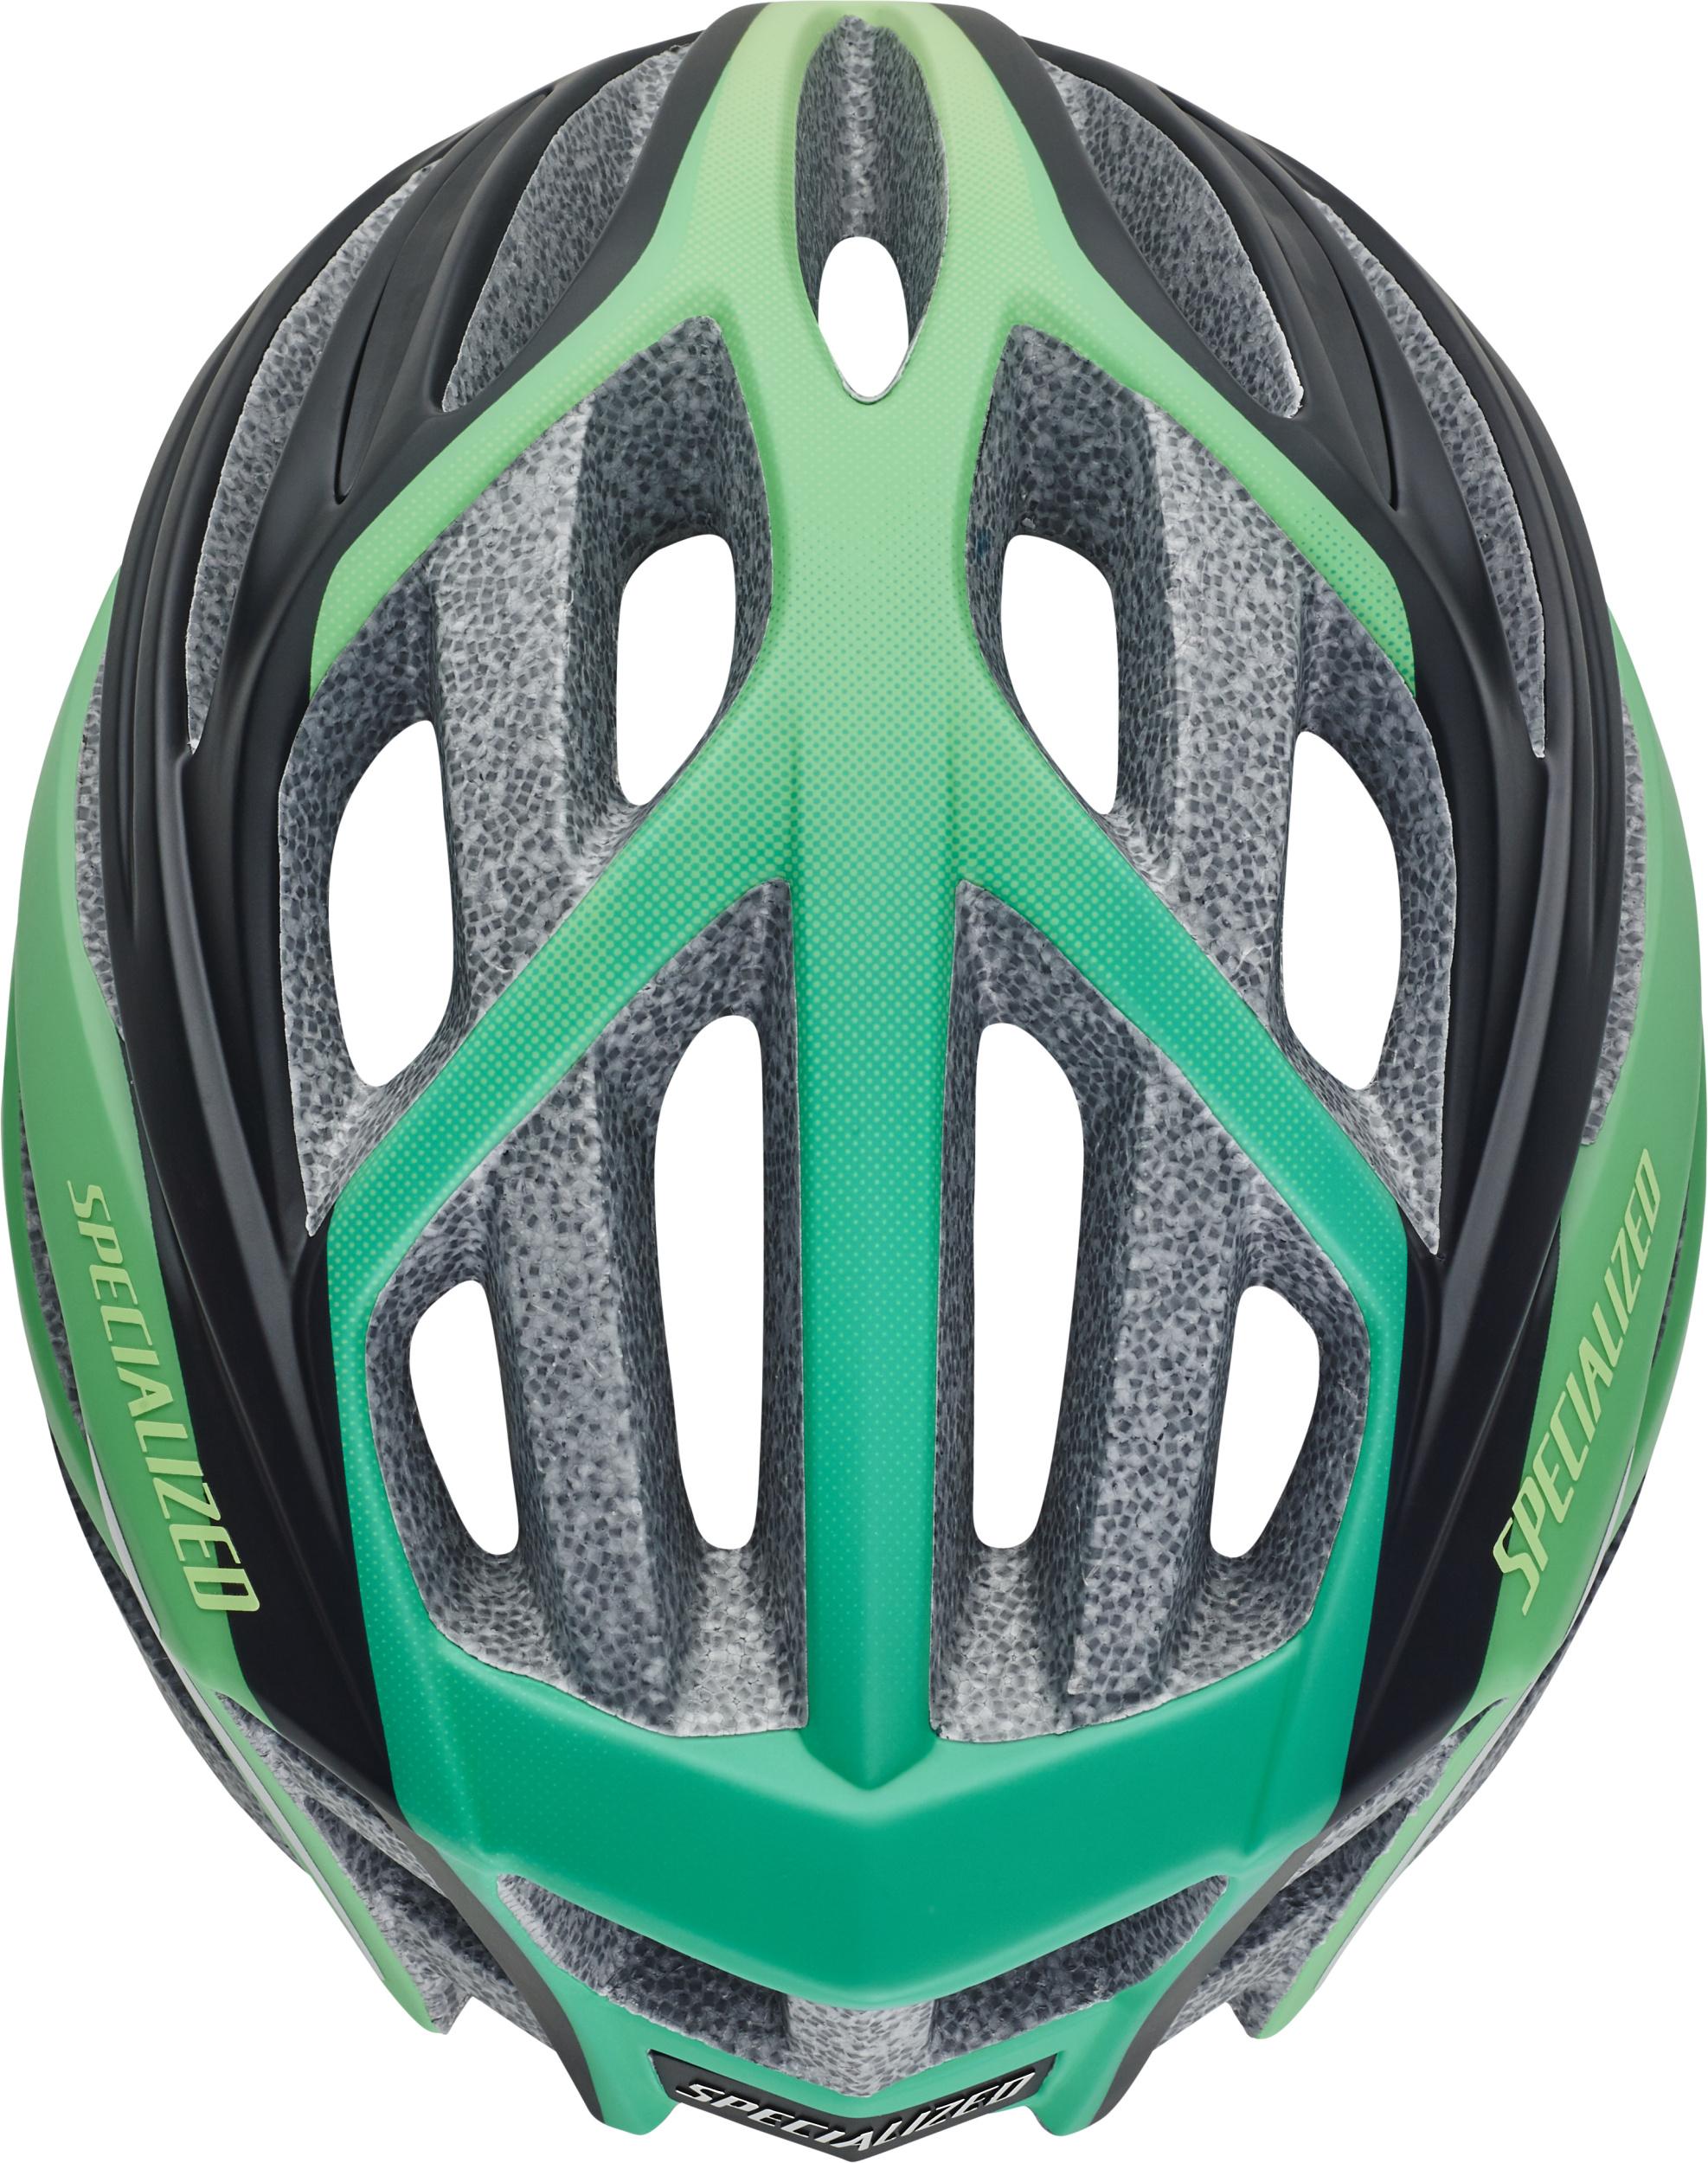 Aspire helmet - $69